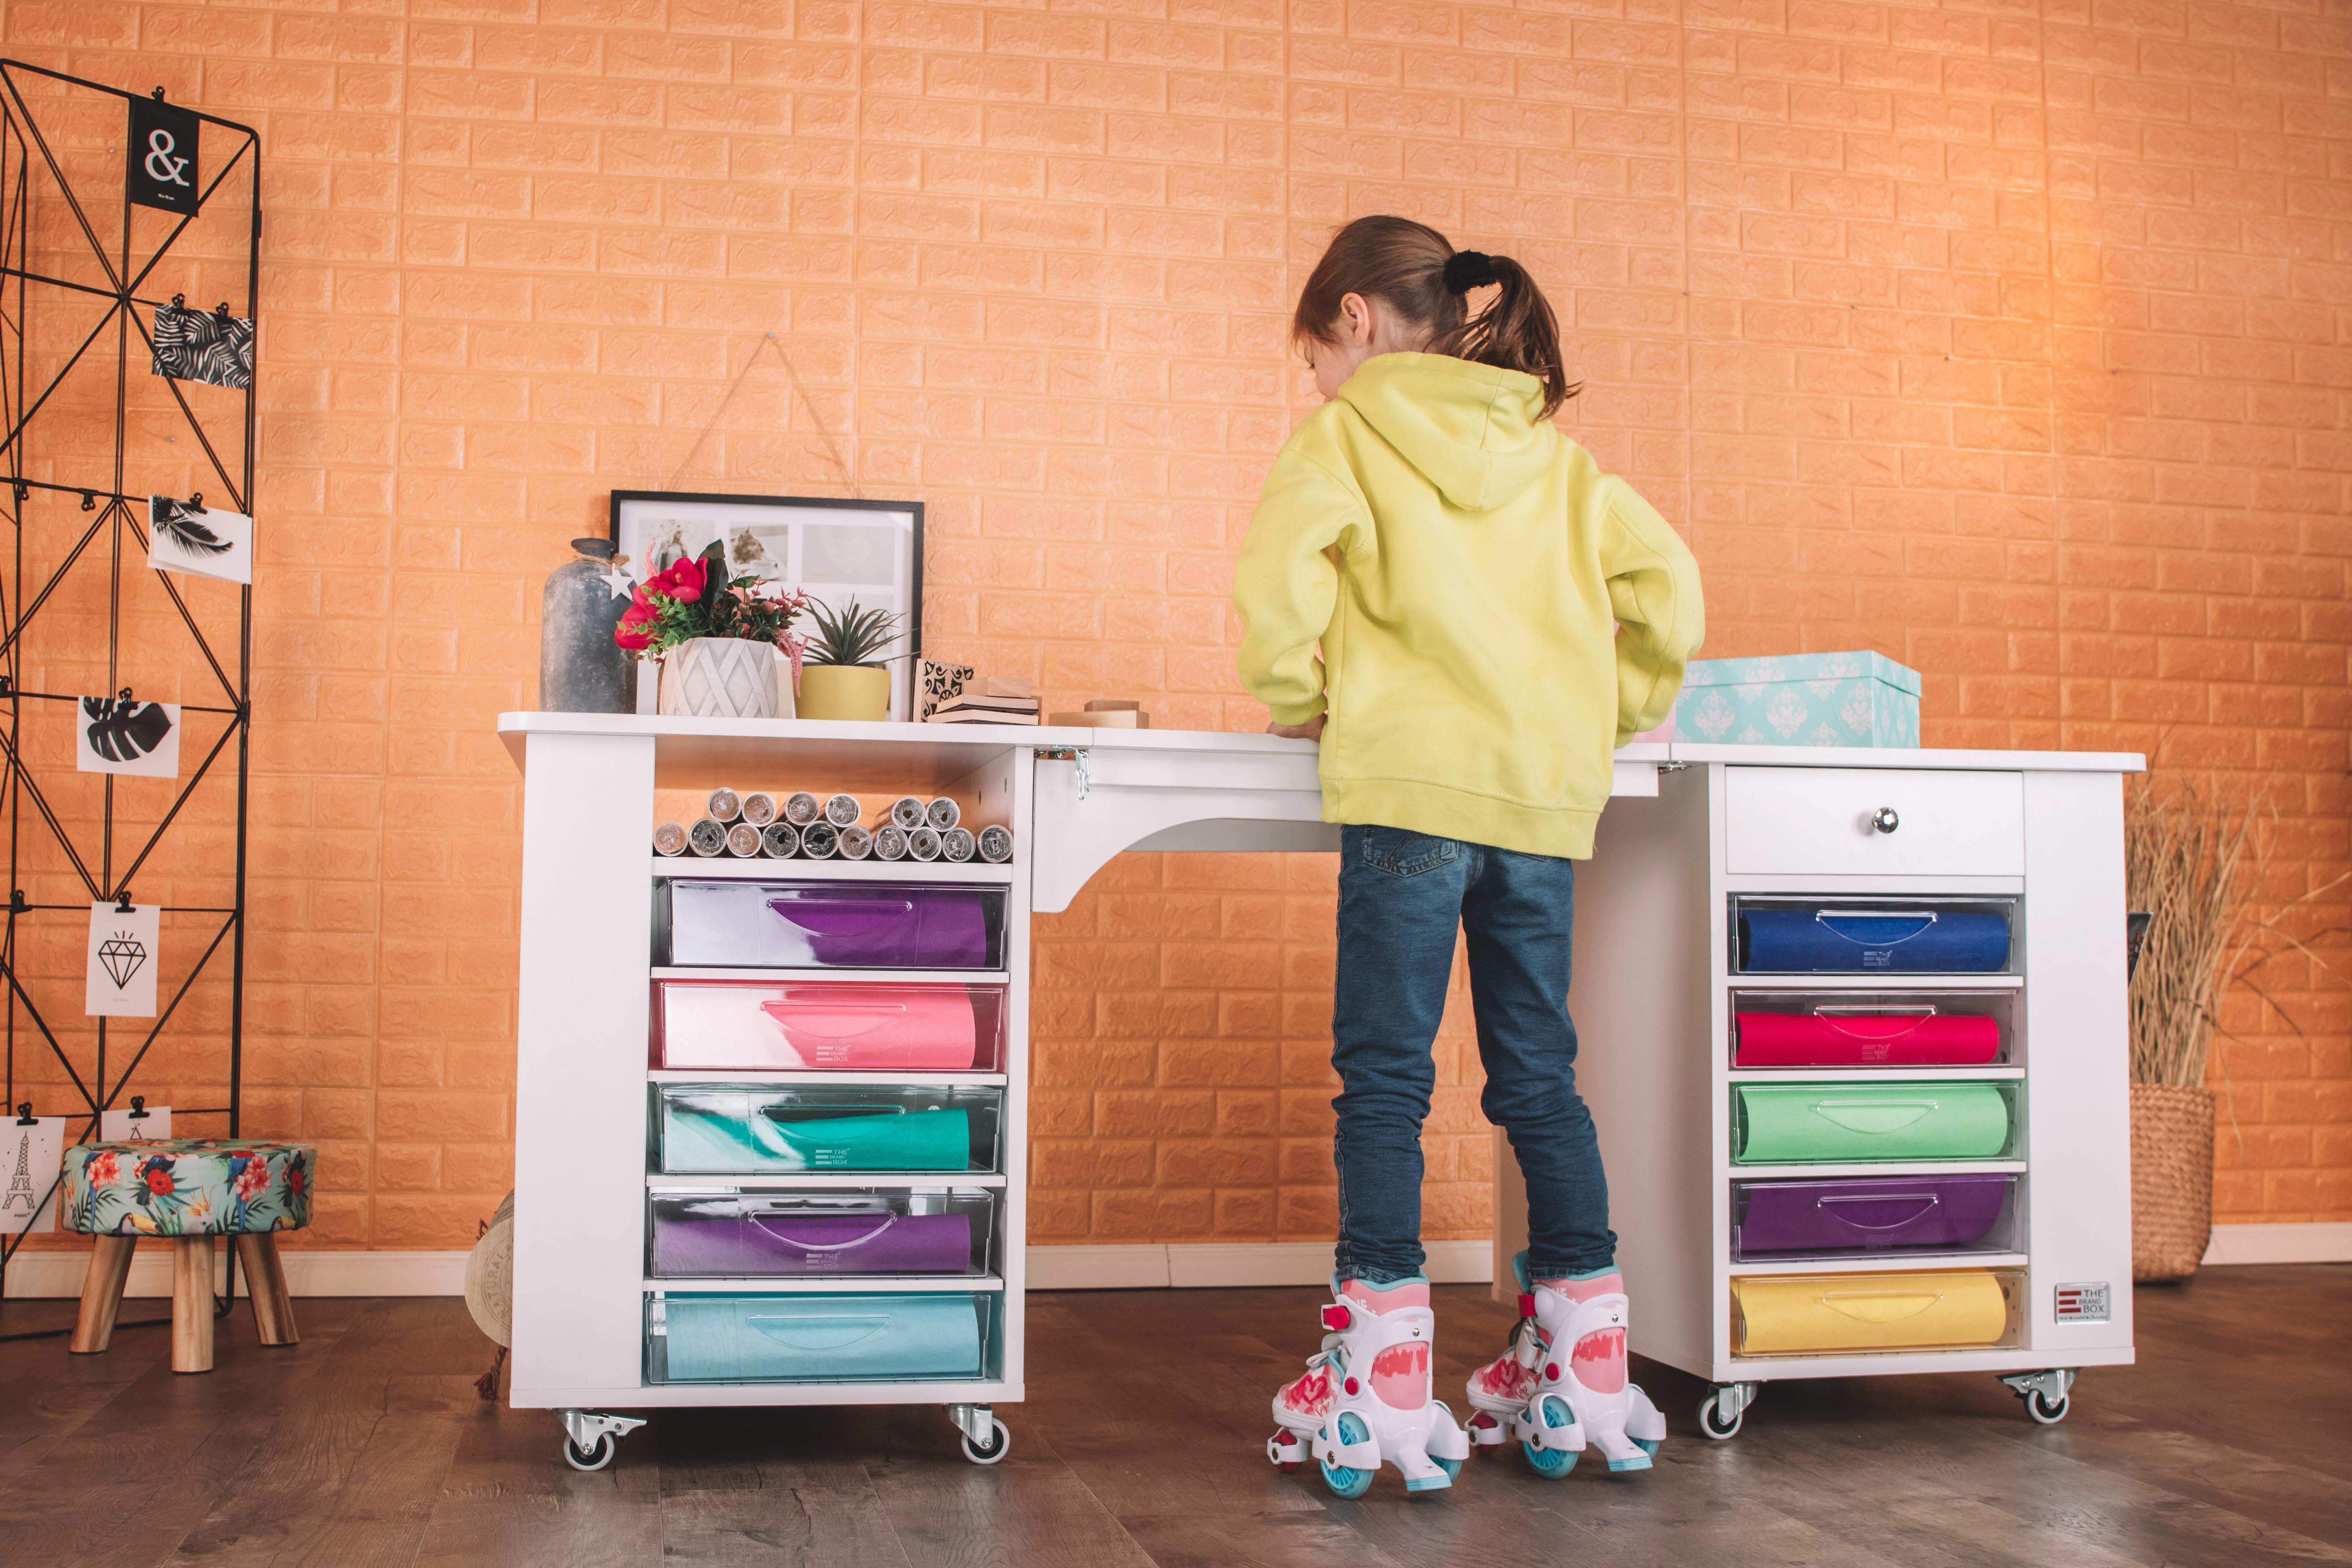 Unser mobiler, abklappbarer BrandBox Desk bietet dir eine flexible Nutzung innerhalb deiner Kreativwelt und eignet sich insbesondere für Räume mit Dachschrägen. 20 große BrandBox Hartplastikkörbe und Wasserfallregale für DINA3 Papier inklusive.